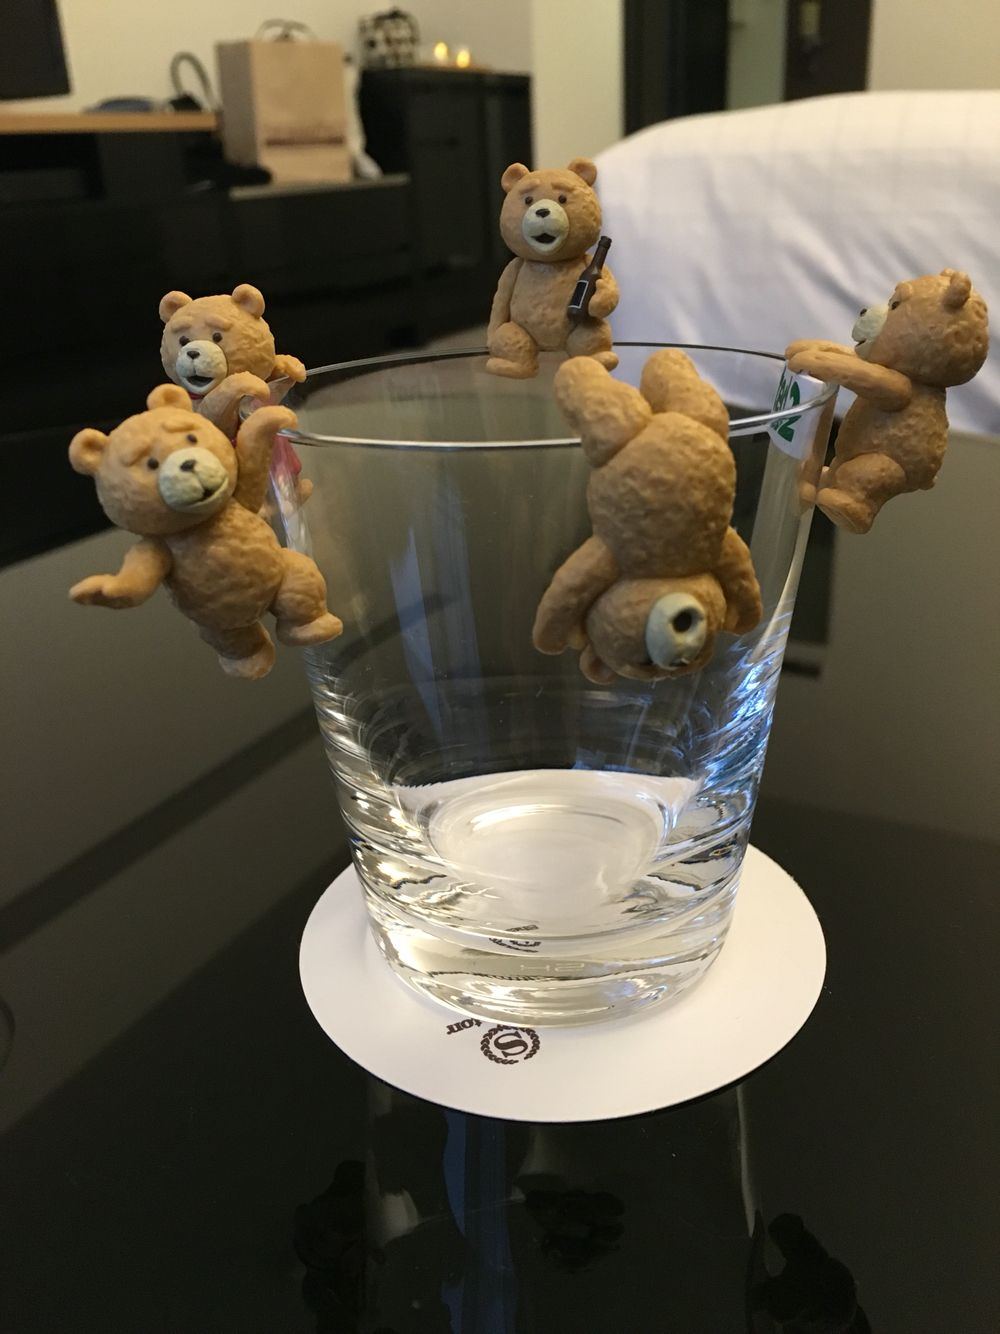 Sad Teddy Bear Meme